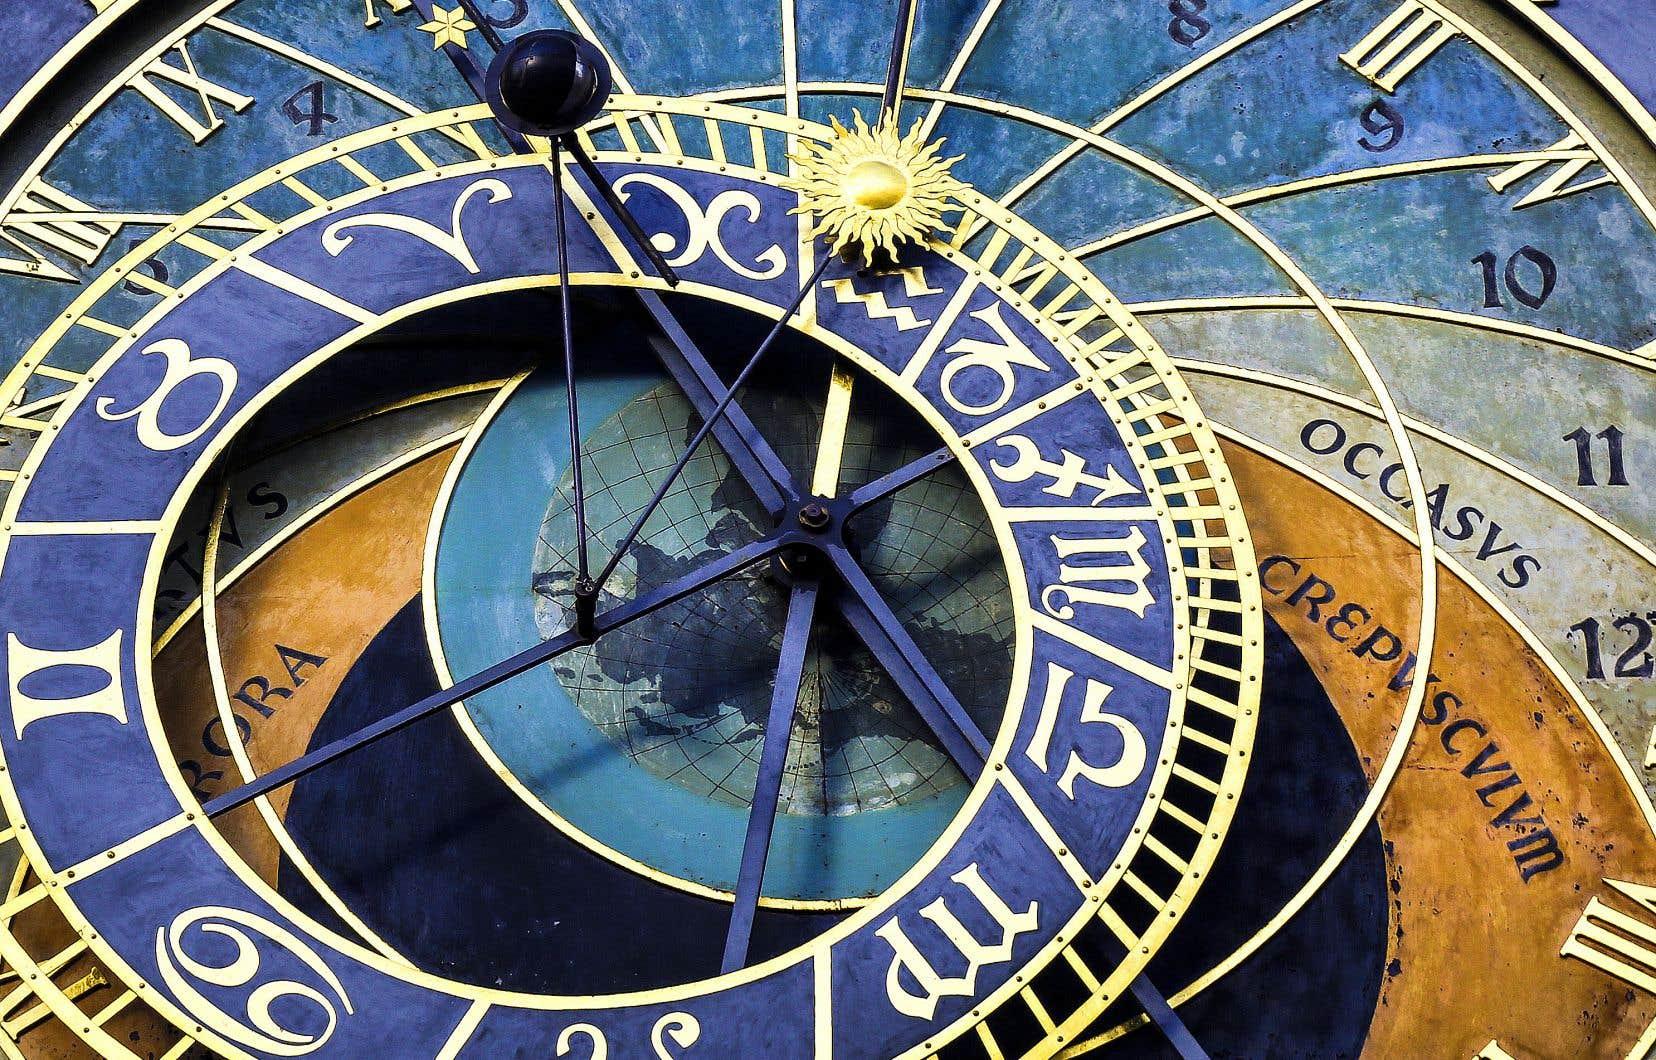 Grâce à la multiplication des sources disponibles, surtout sur Internet, l'astrologie a récemment acquis un nouveau statut «cool». Et elle ne se résume plus aux magazines à potins.